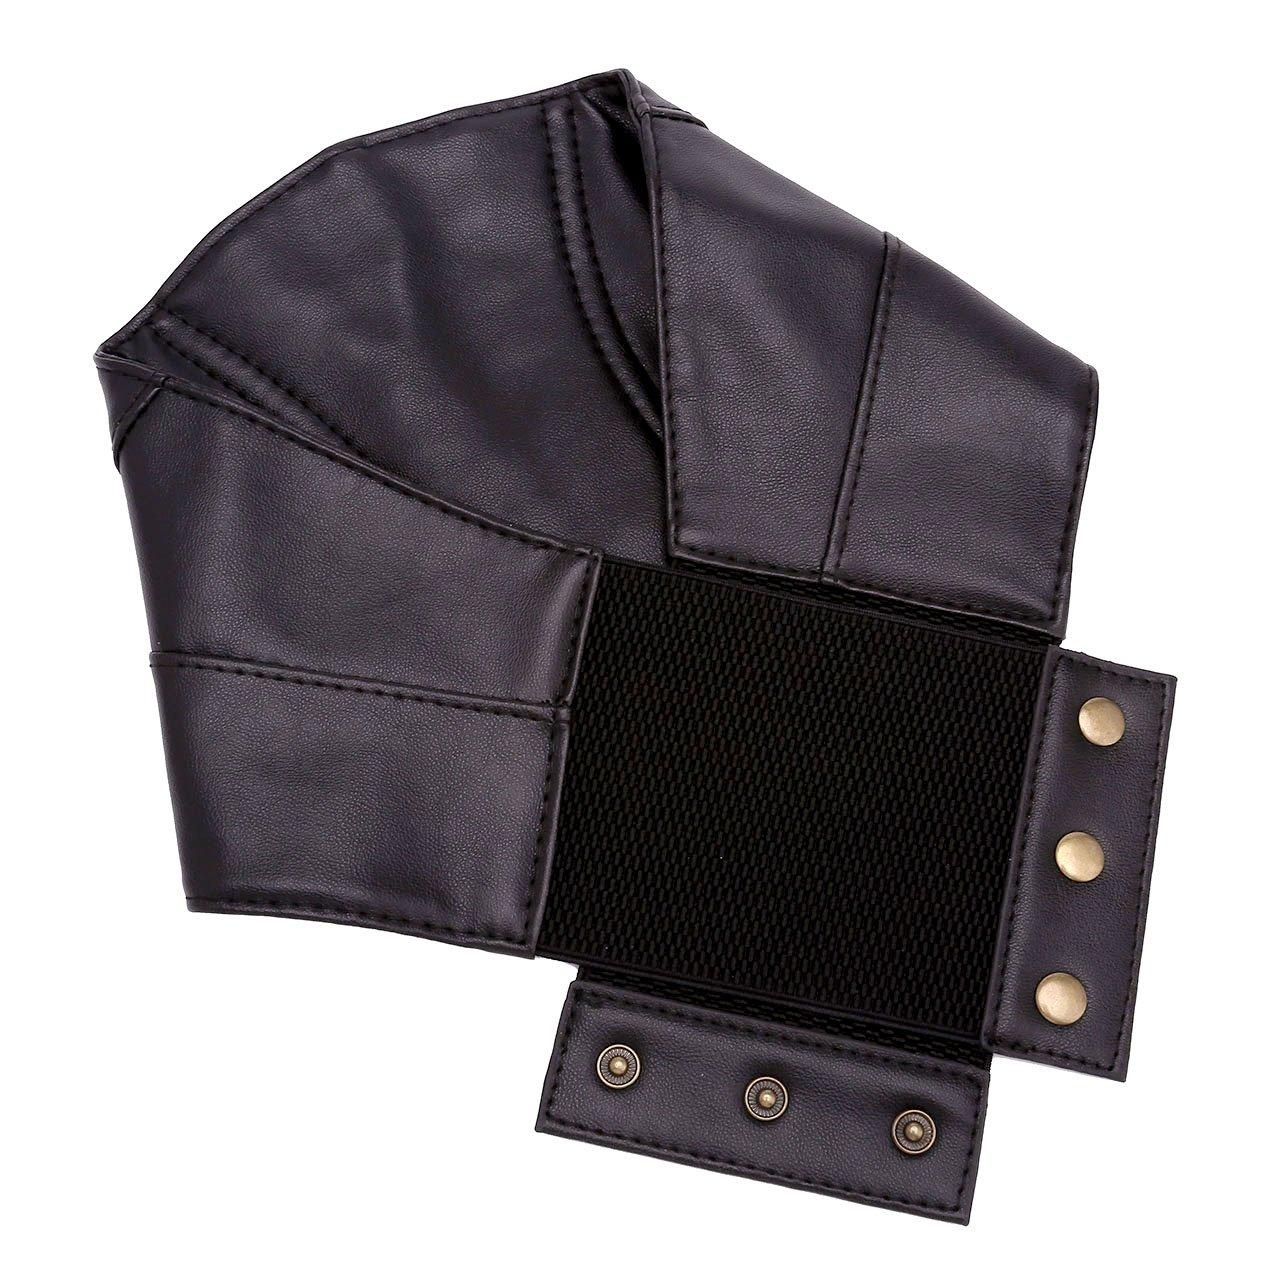 CHIC DIARY Cool Ceinture Punk à Taille Large Obi Élastique Corset Noir  Gothique Waist Training Slim Agrandir l image 7b609b03562